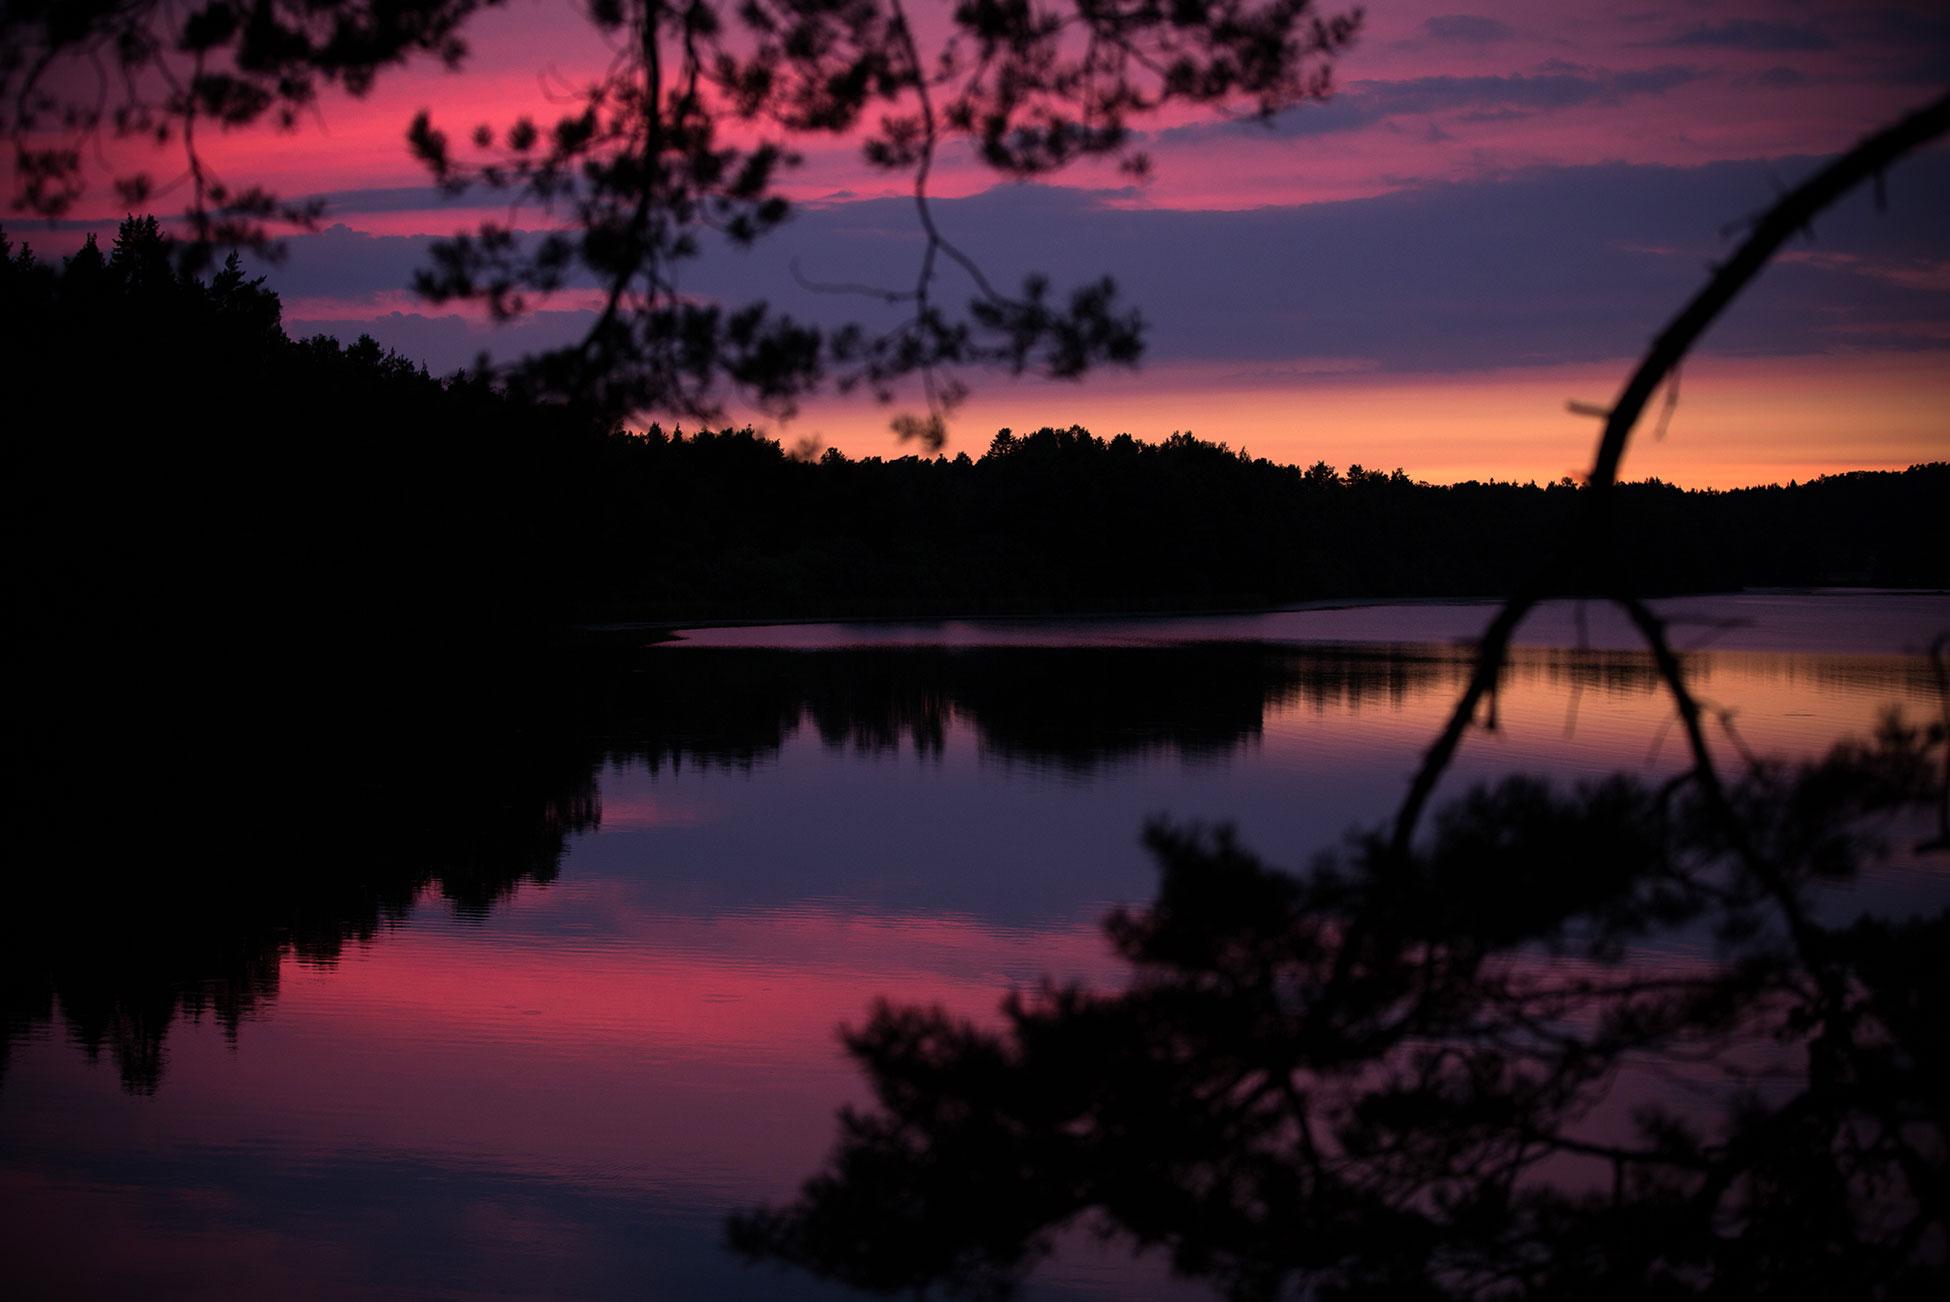 Valmistamme laudepuut Suomessa, Pieksämäellä.